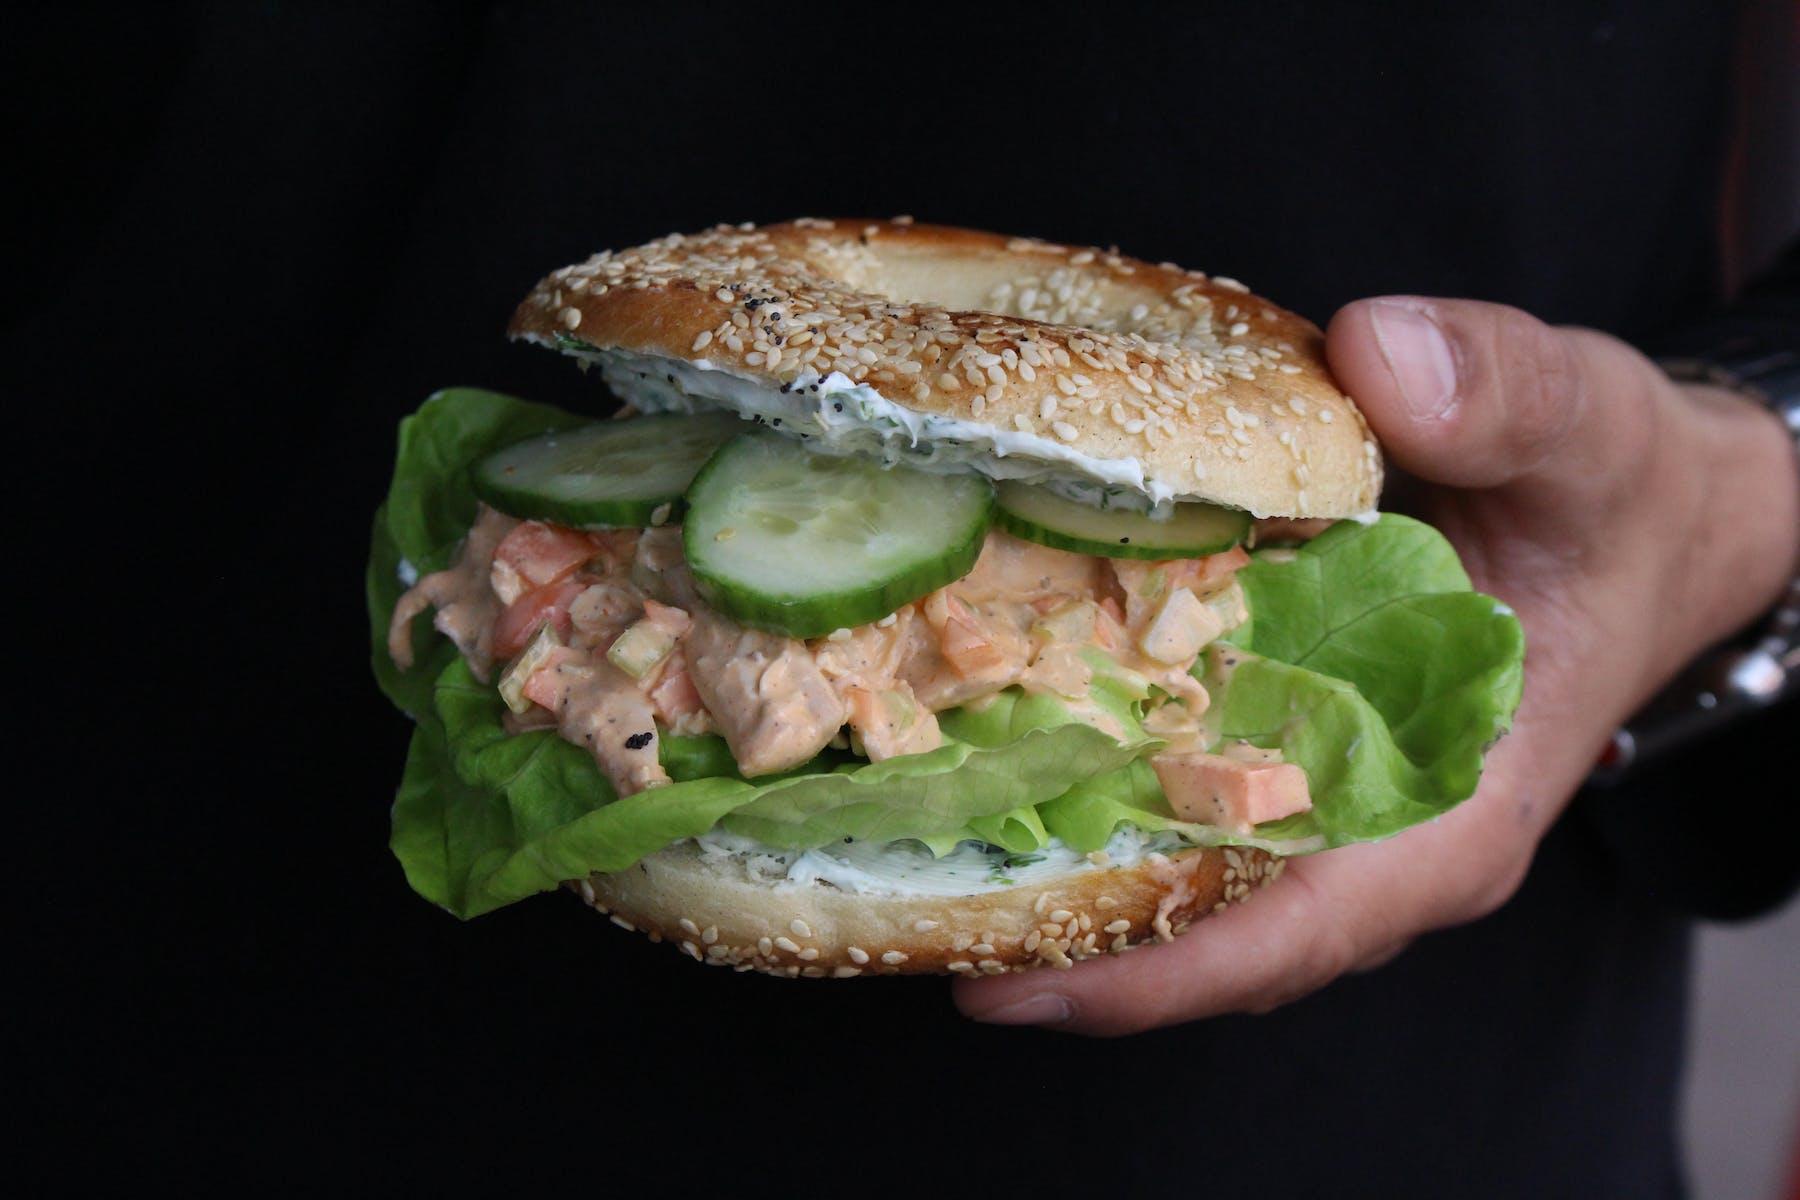 a hand holding a sandwich